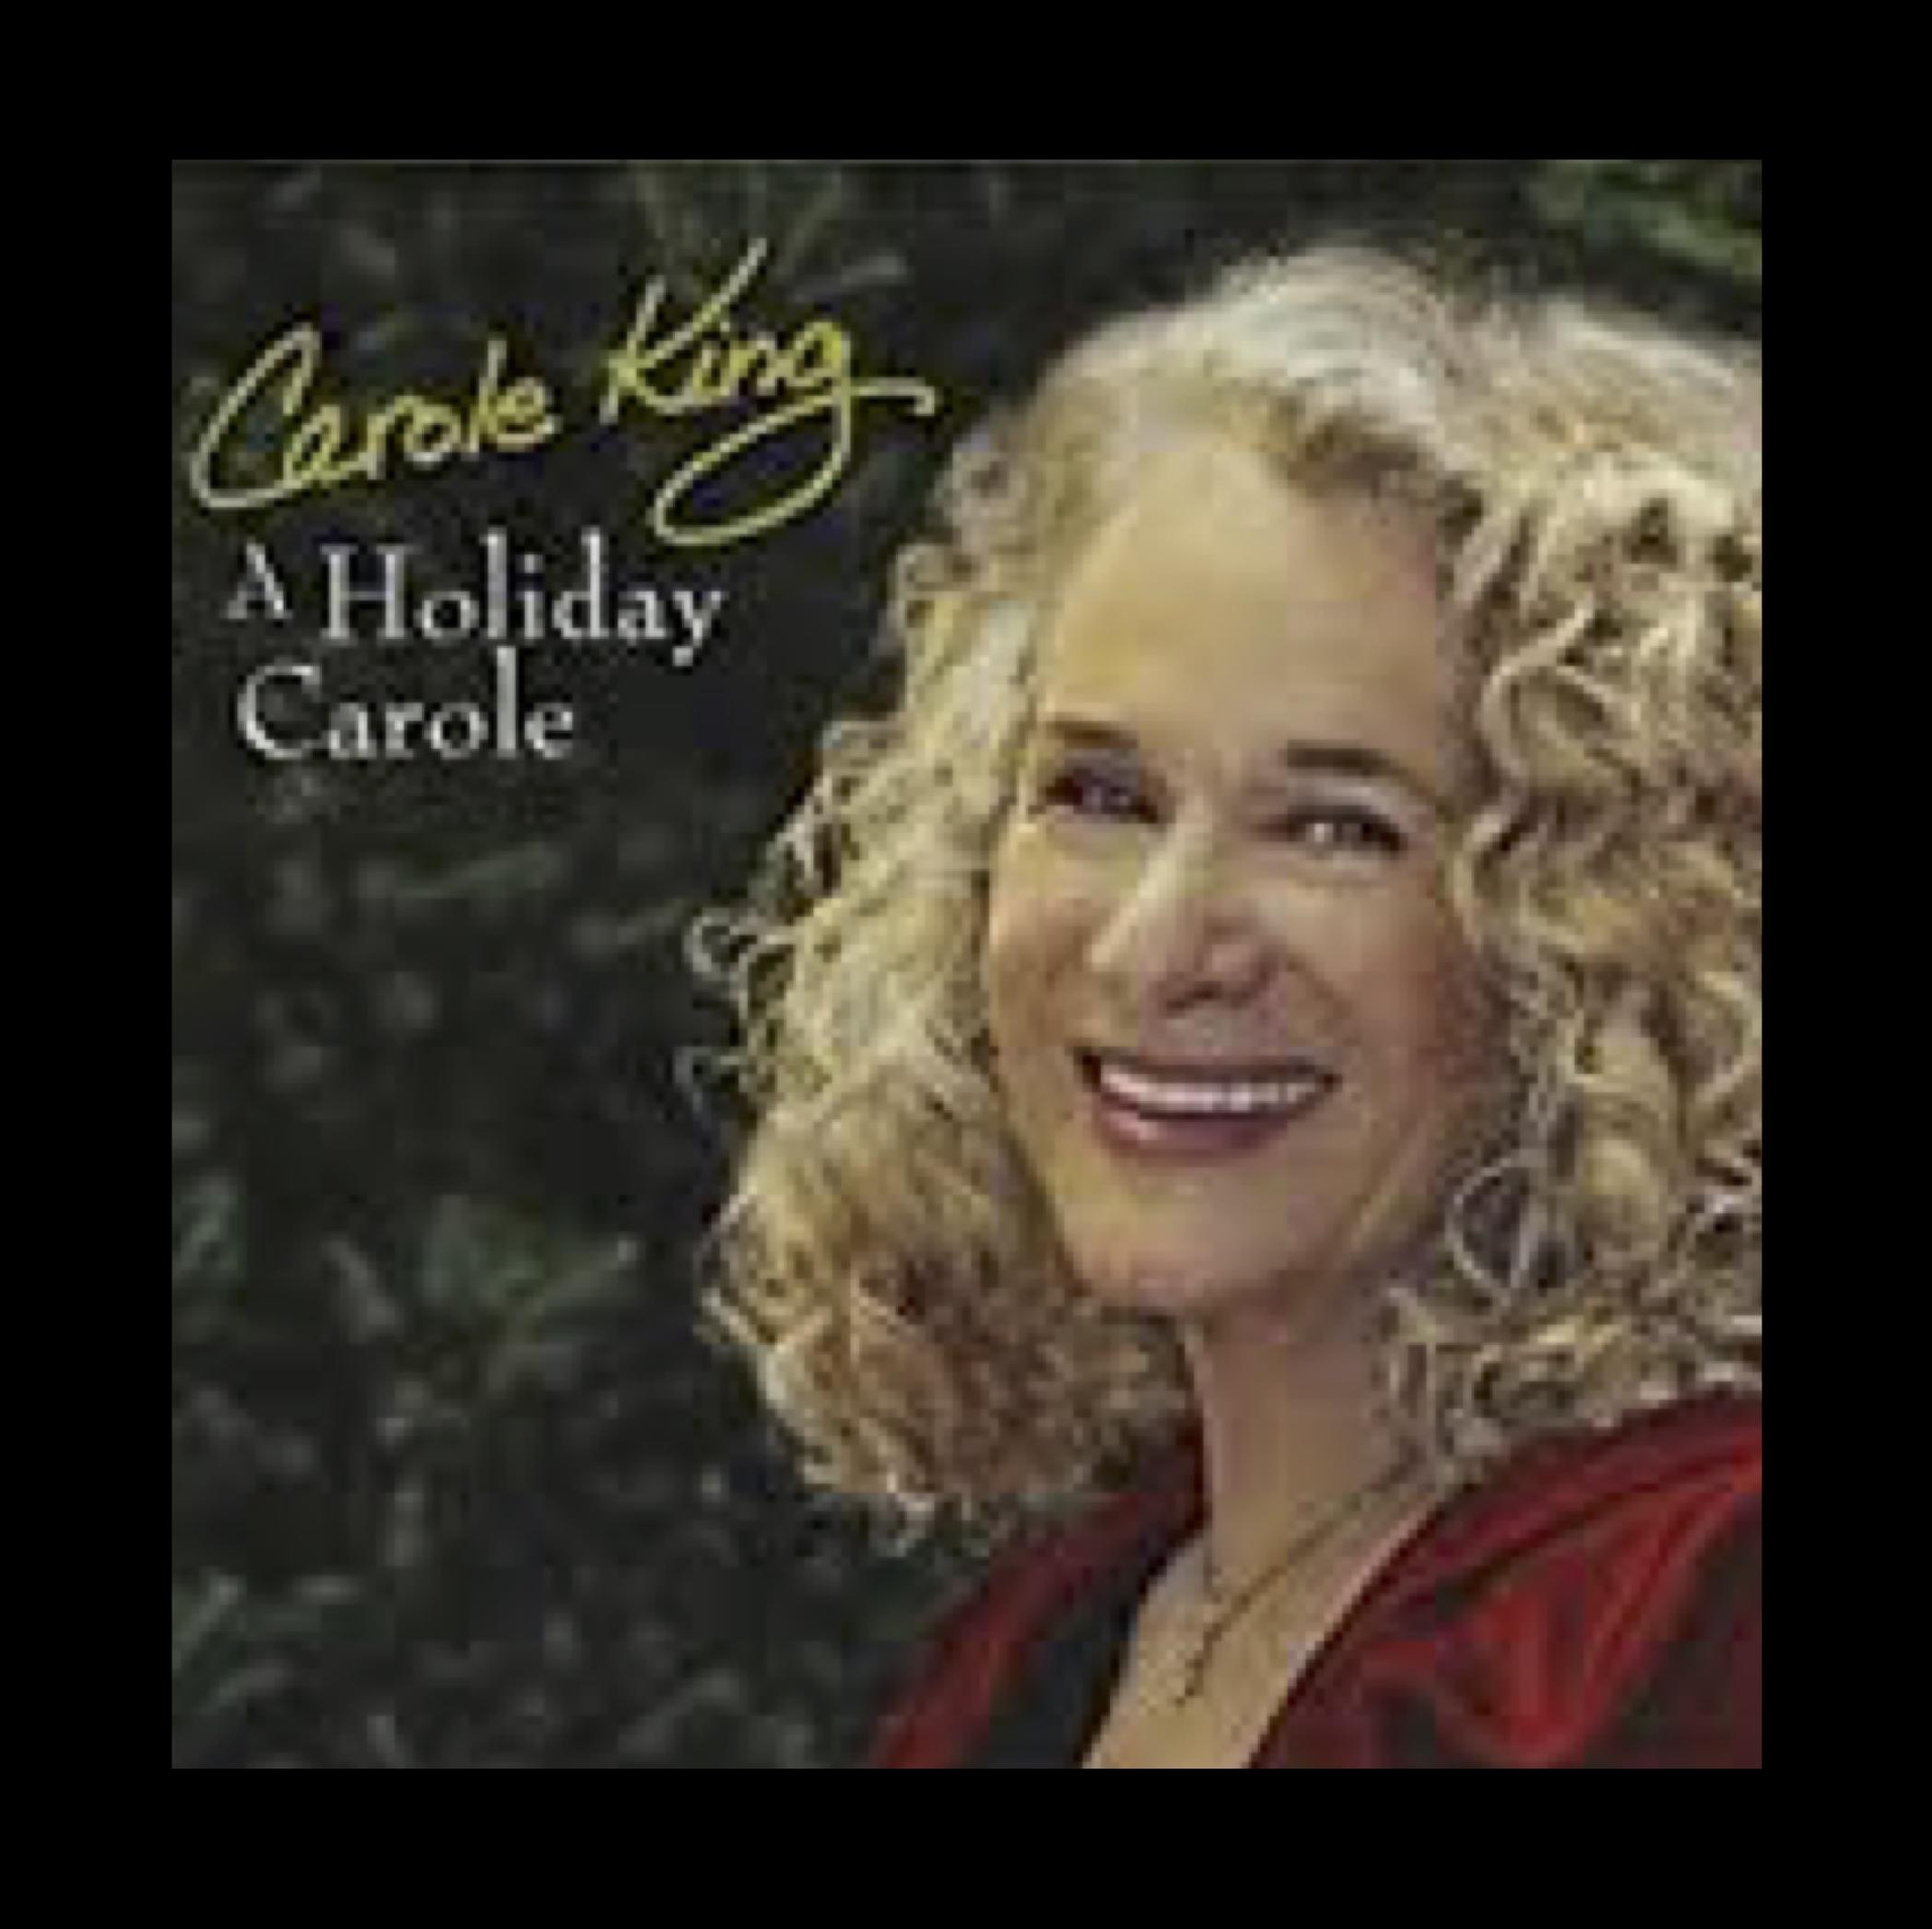 Carole 2 Blk Brdr 3.png